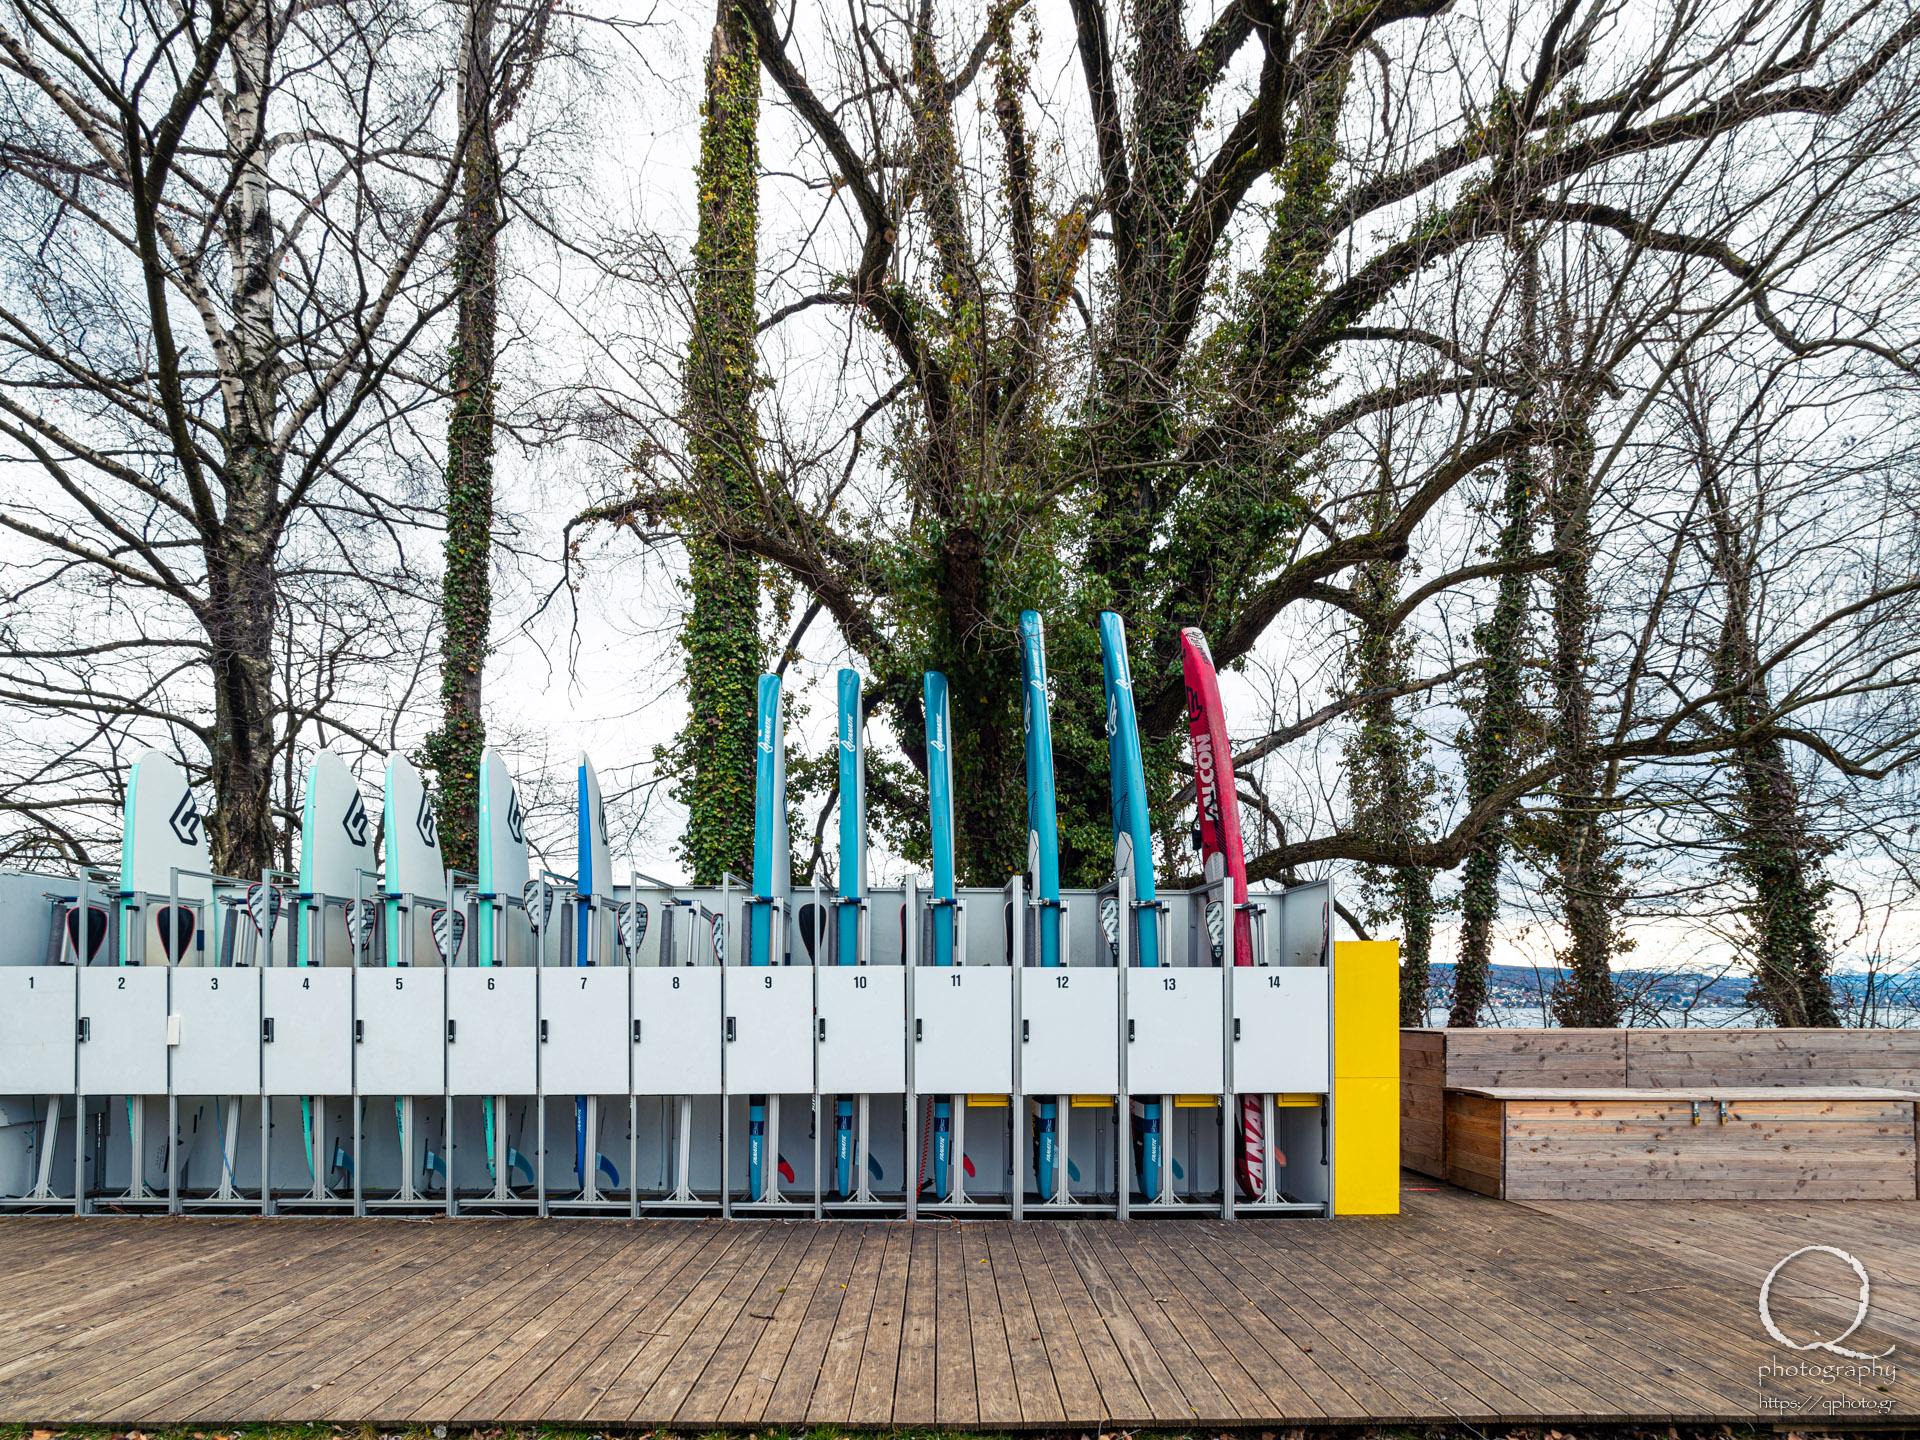 Surfboard lockers